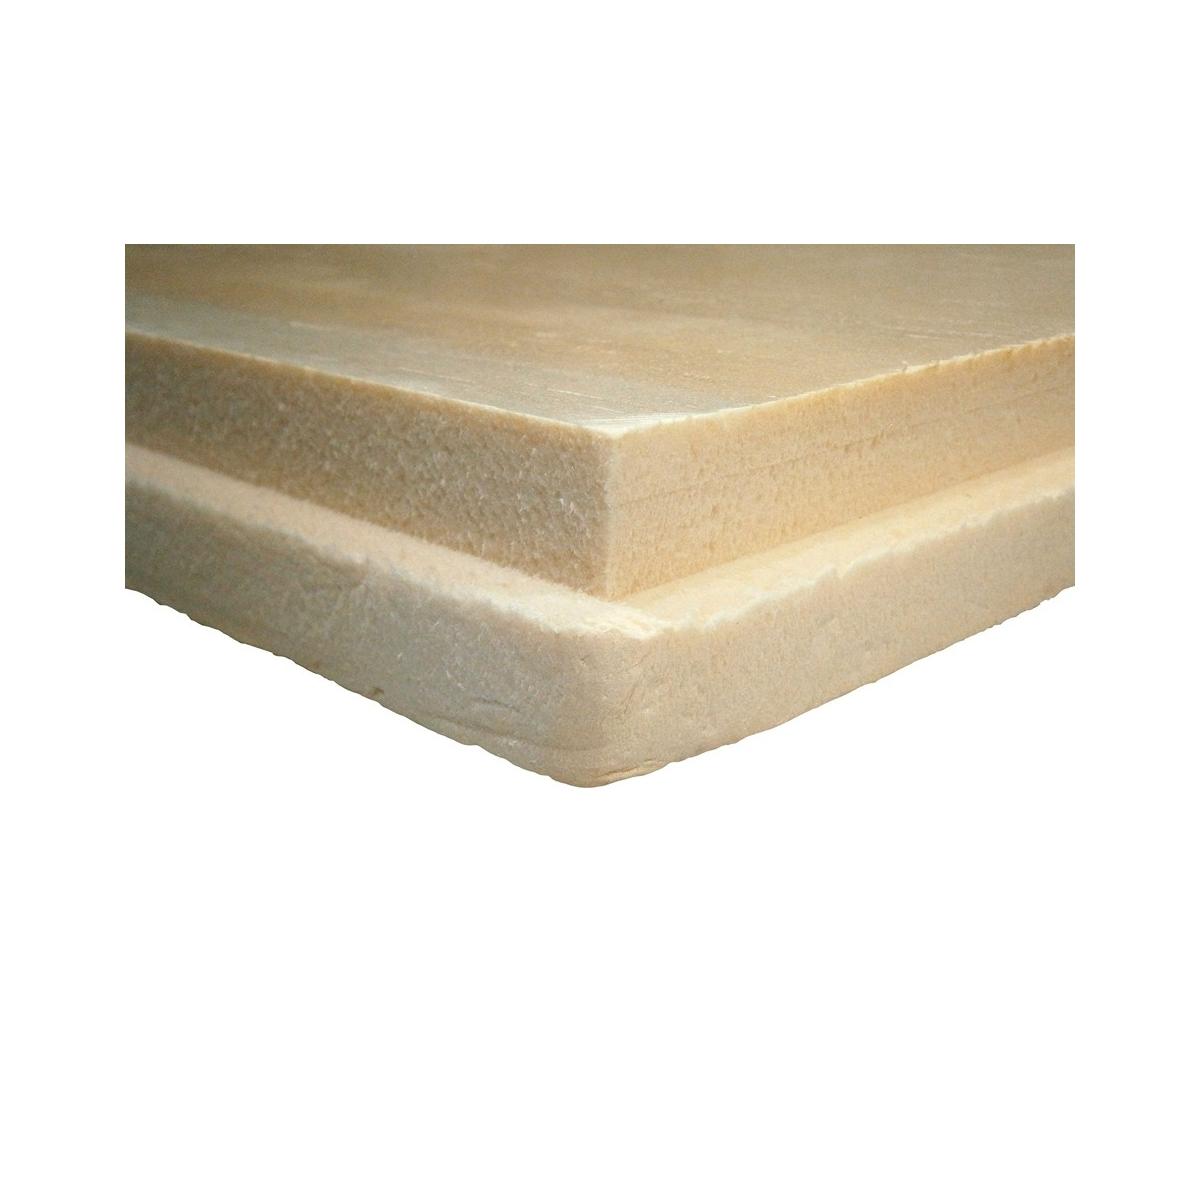 Poliestireno Extruido XPS 50 (Pack 6 m2) Soprema